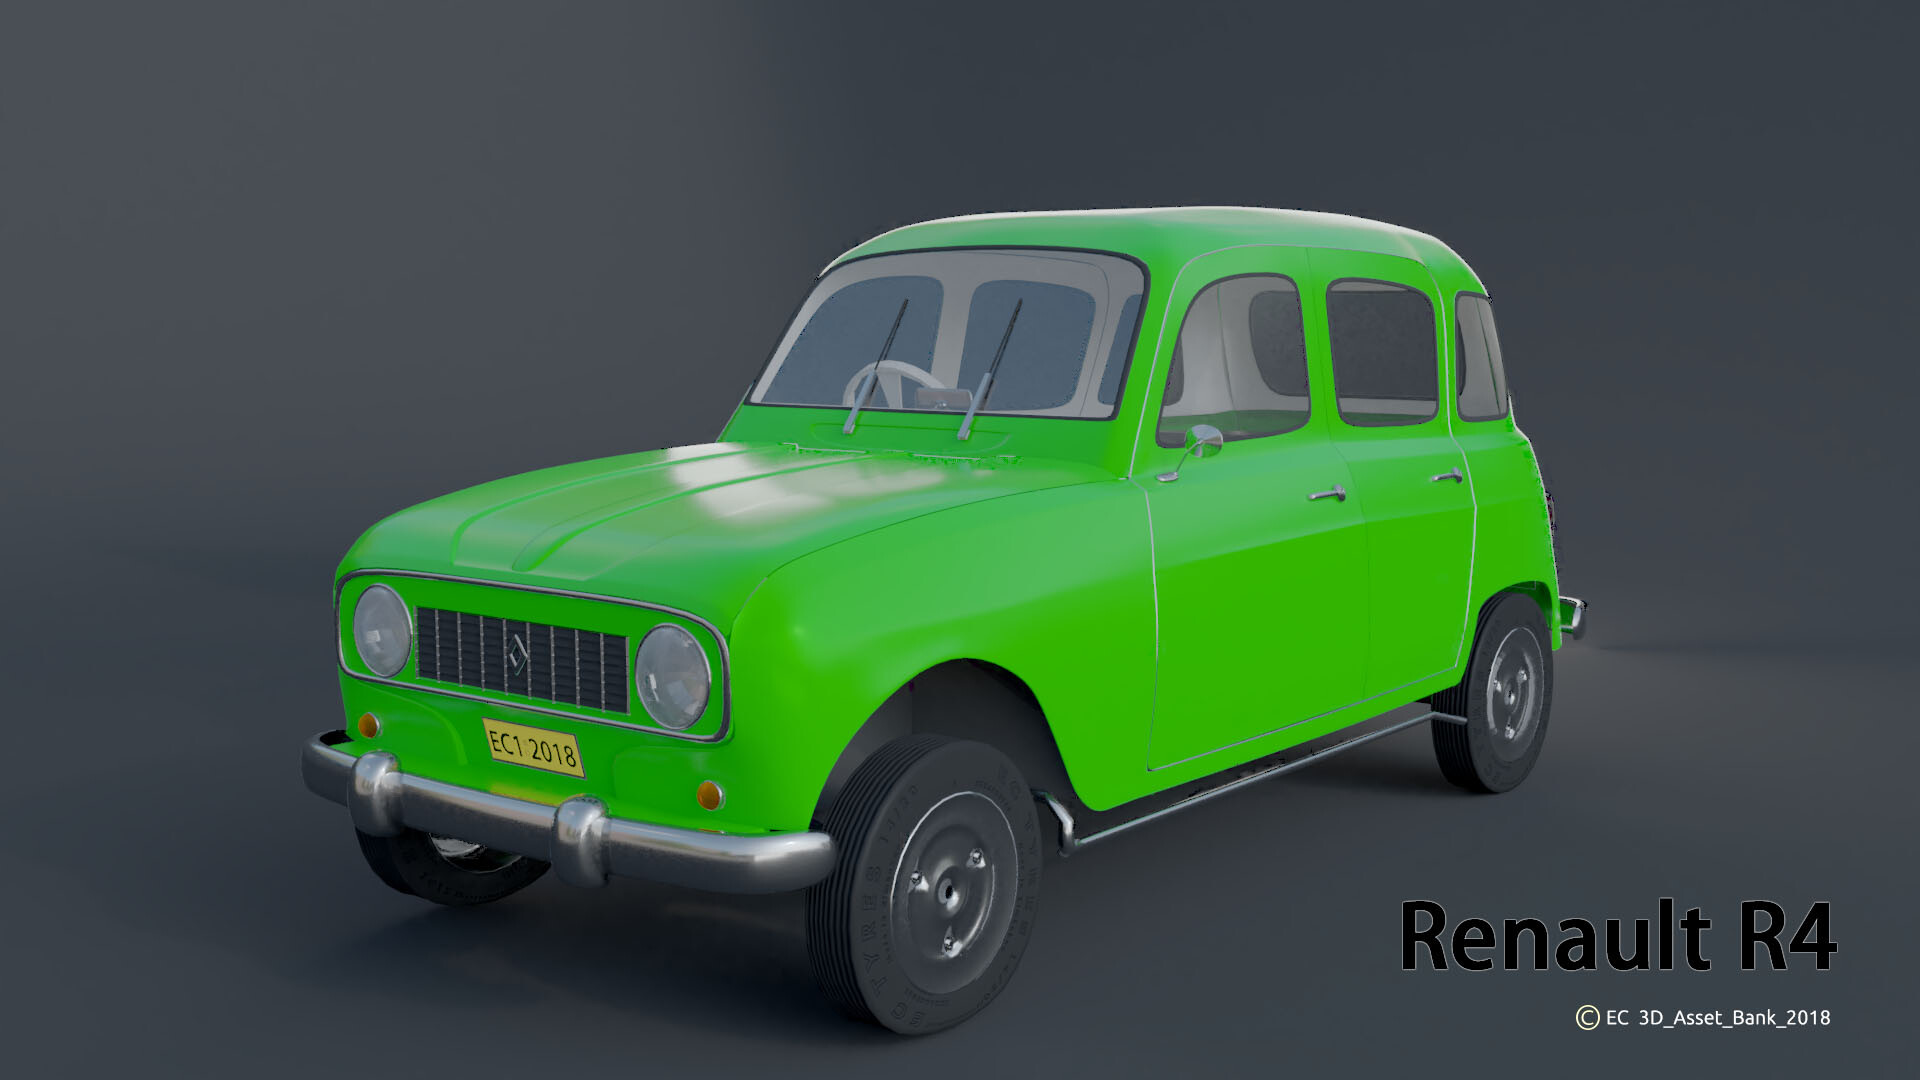 Eden Chisvo Renault R4